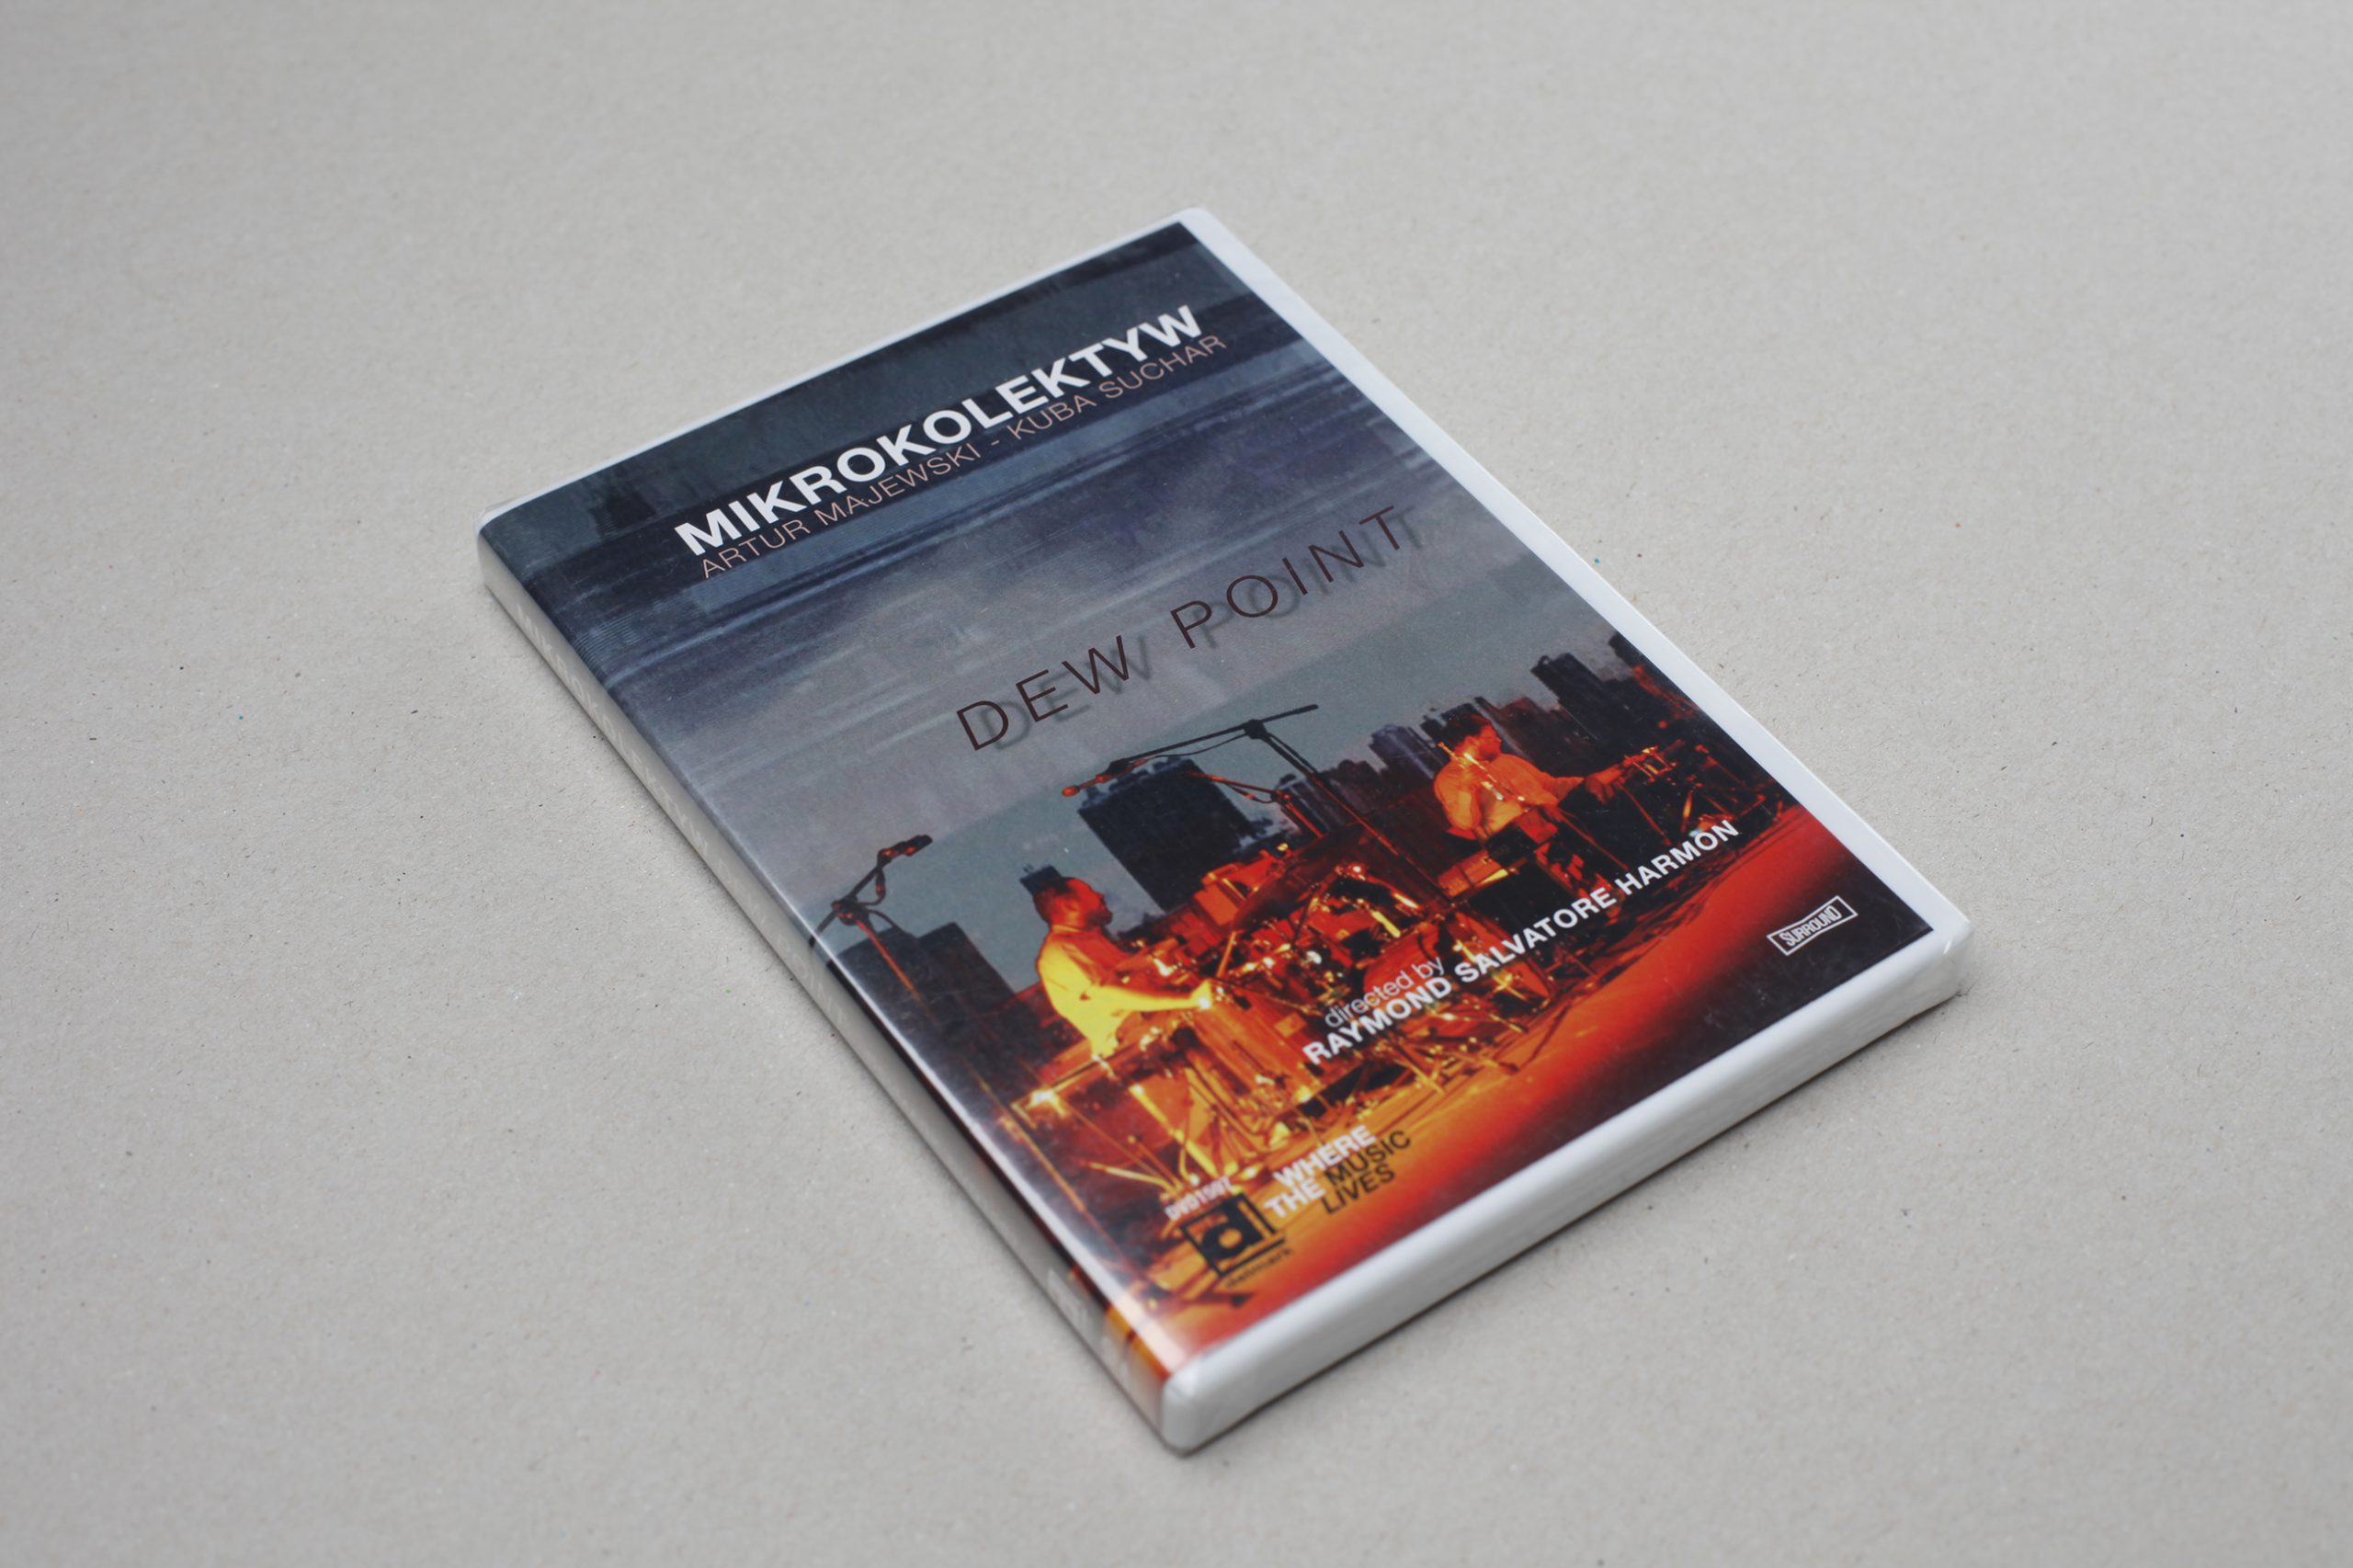 Mikrokolektyw: Dew Point (DVD)